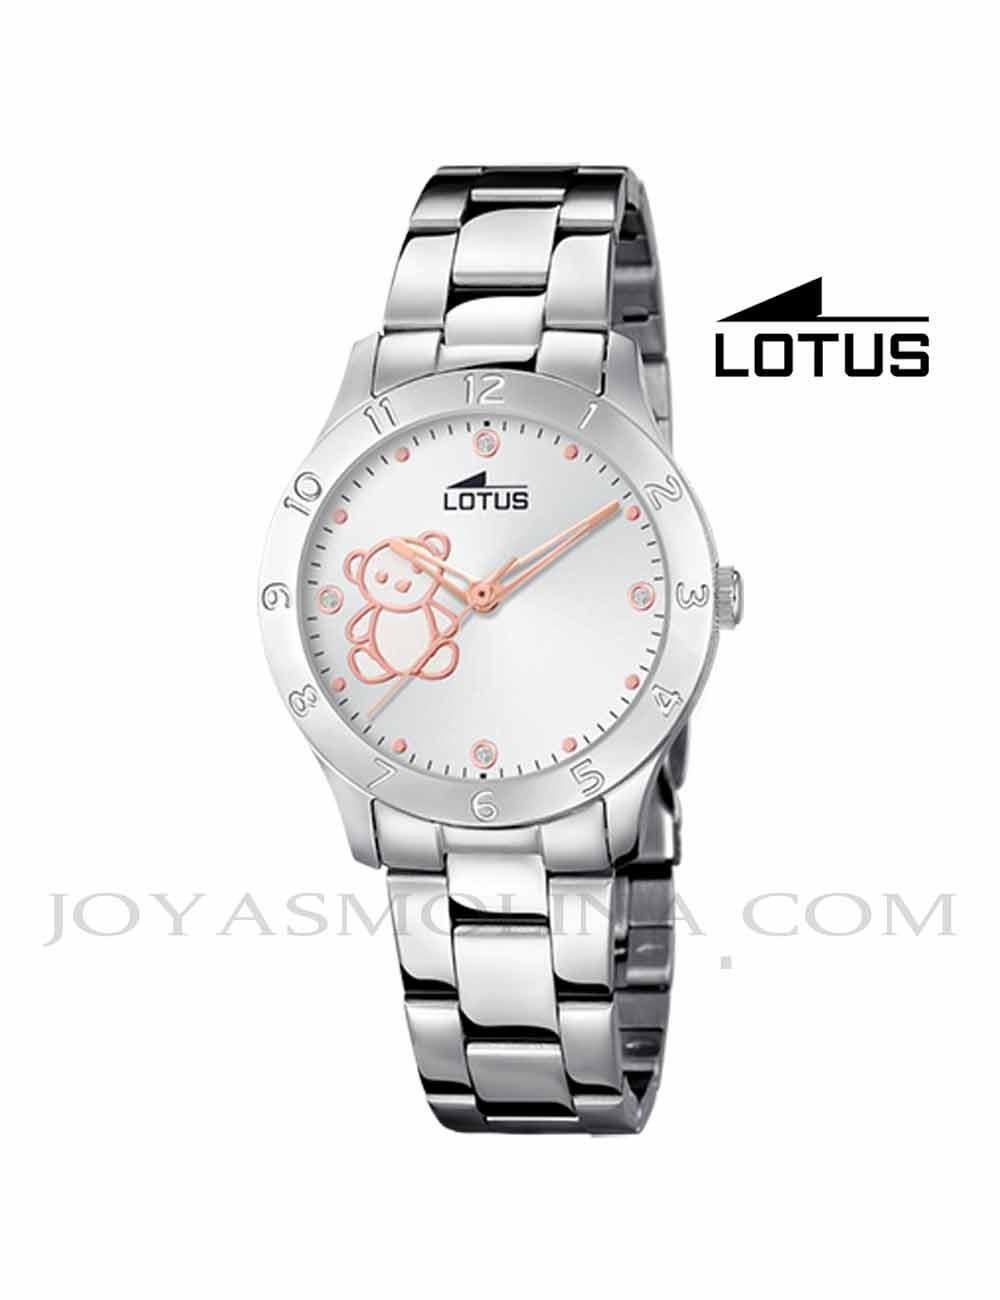 Reloj Lotus cadena oso 18657-1